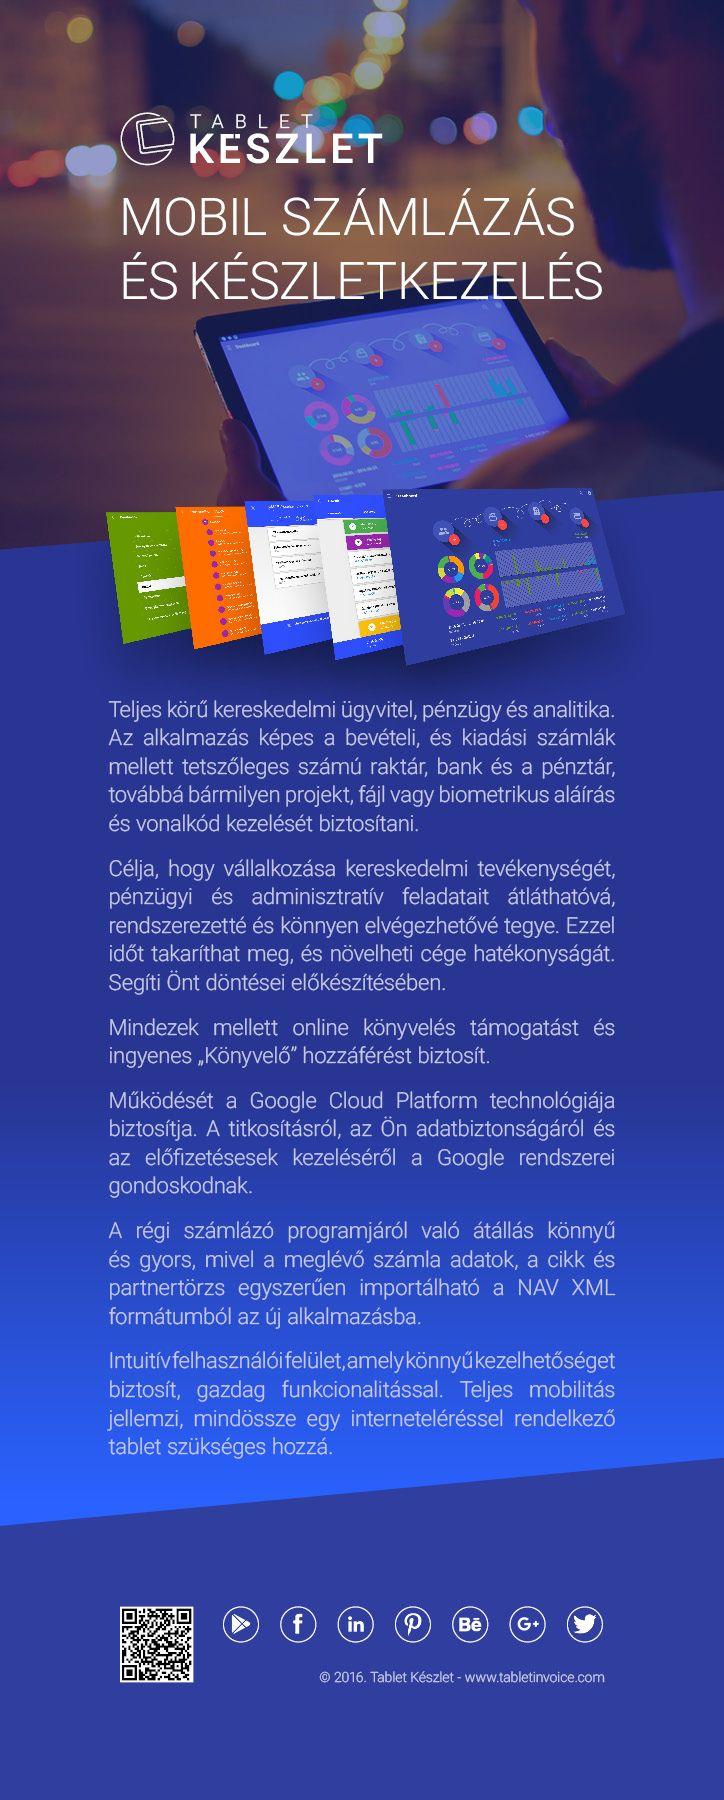 Teljes körű kereskedelmi ügyvitel, pénzügy és analitika. Az alkalmazás képes a bevételi, és kiadási számlák mellett tetszőleges számú raktár, bank és a pénztár, továbbá bármilyen projekt, fájl vagy biometrikus aláírás és vonalkód kezelését biztosítani.  https://play.google.com/store/apps/details?id=com.tabletinvoice.stock&hl=hu